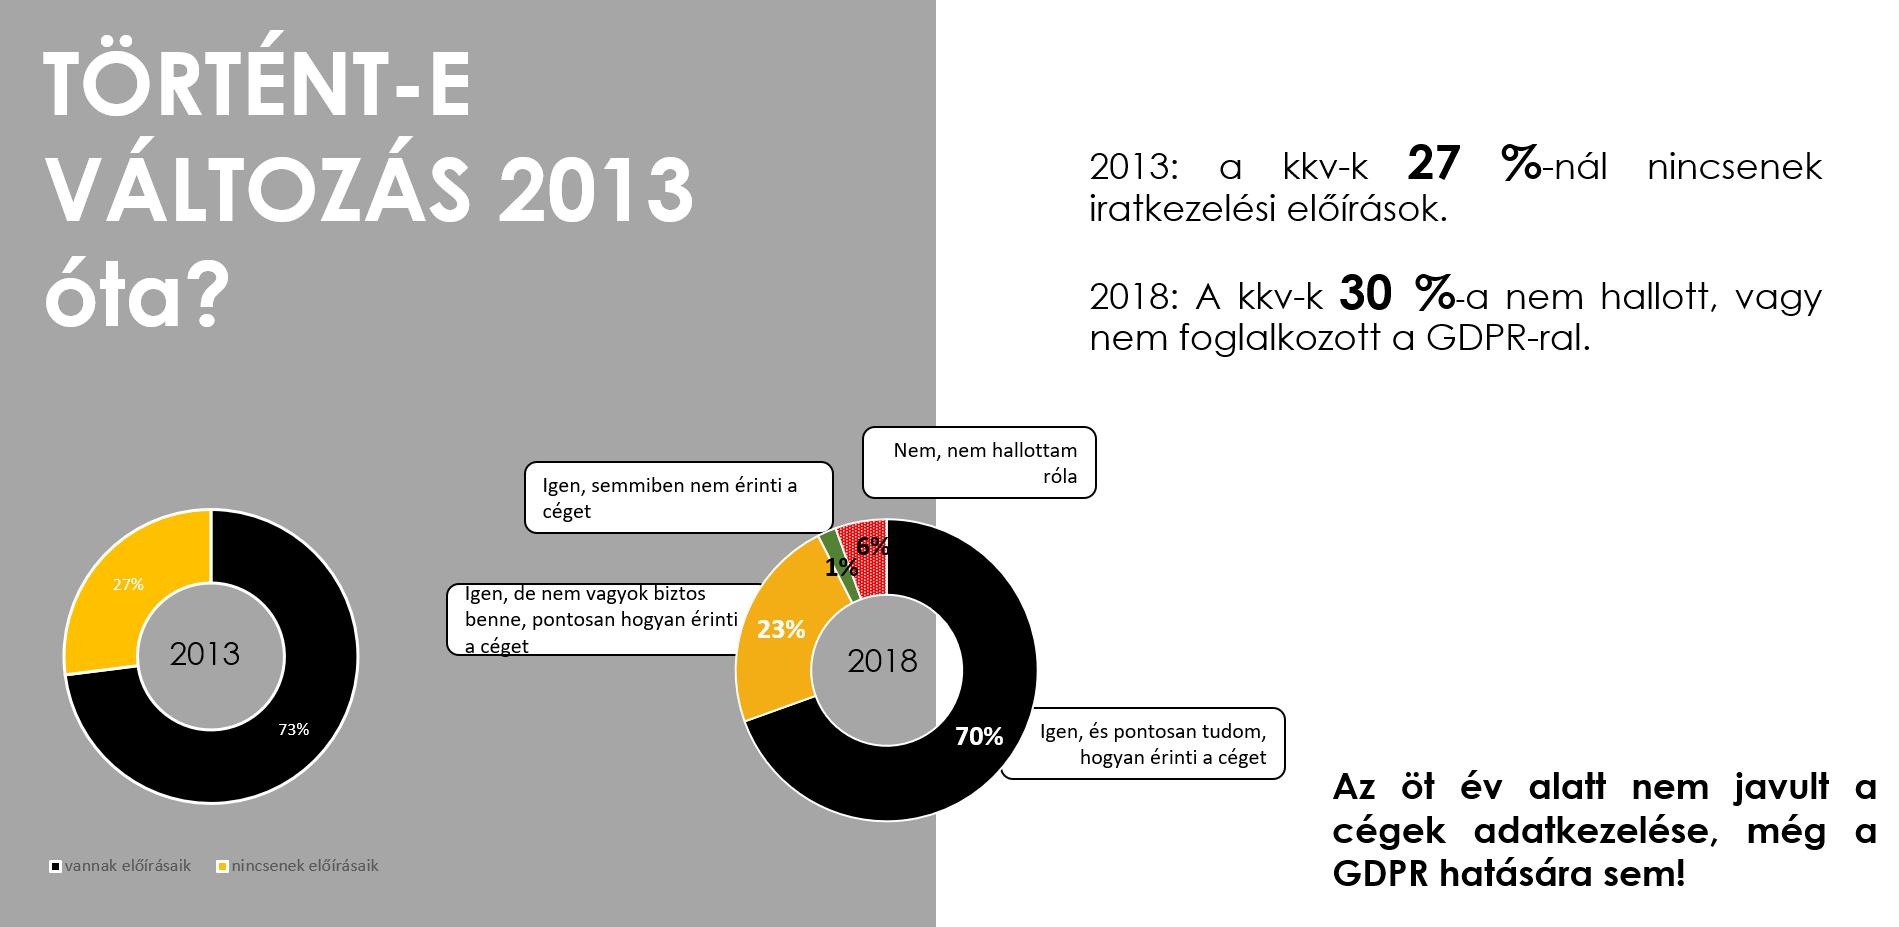 Forrás: Szinapszis által 2013-ban és 2018-ban végzett kutatás